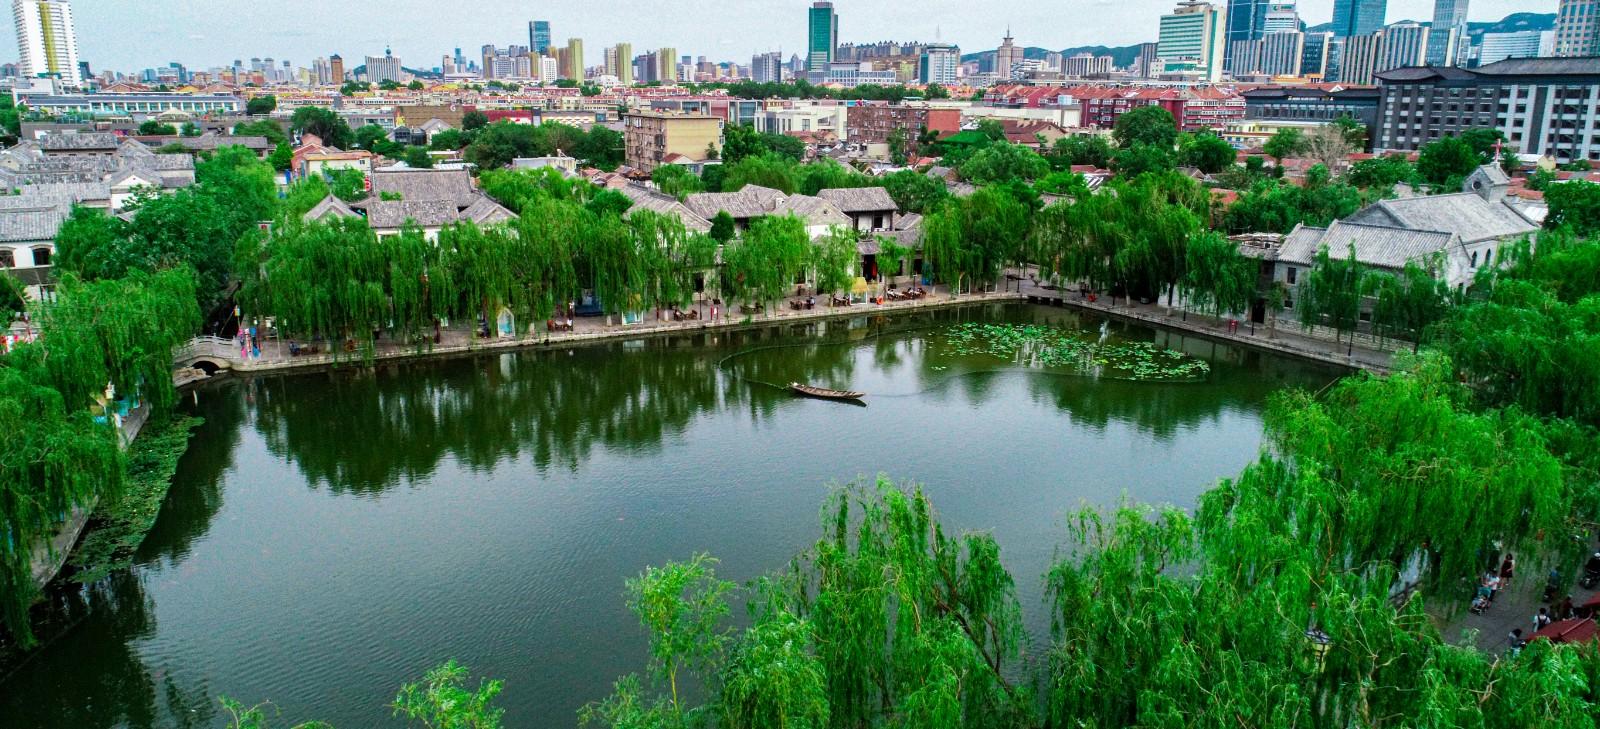 先行先试 助力创建全国文明典范城市 历下:与爱心相伴 为泉城代言